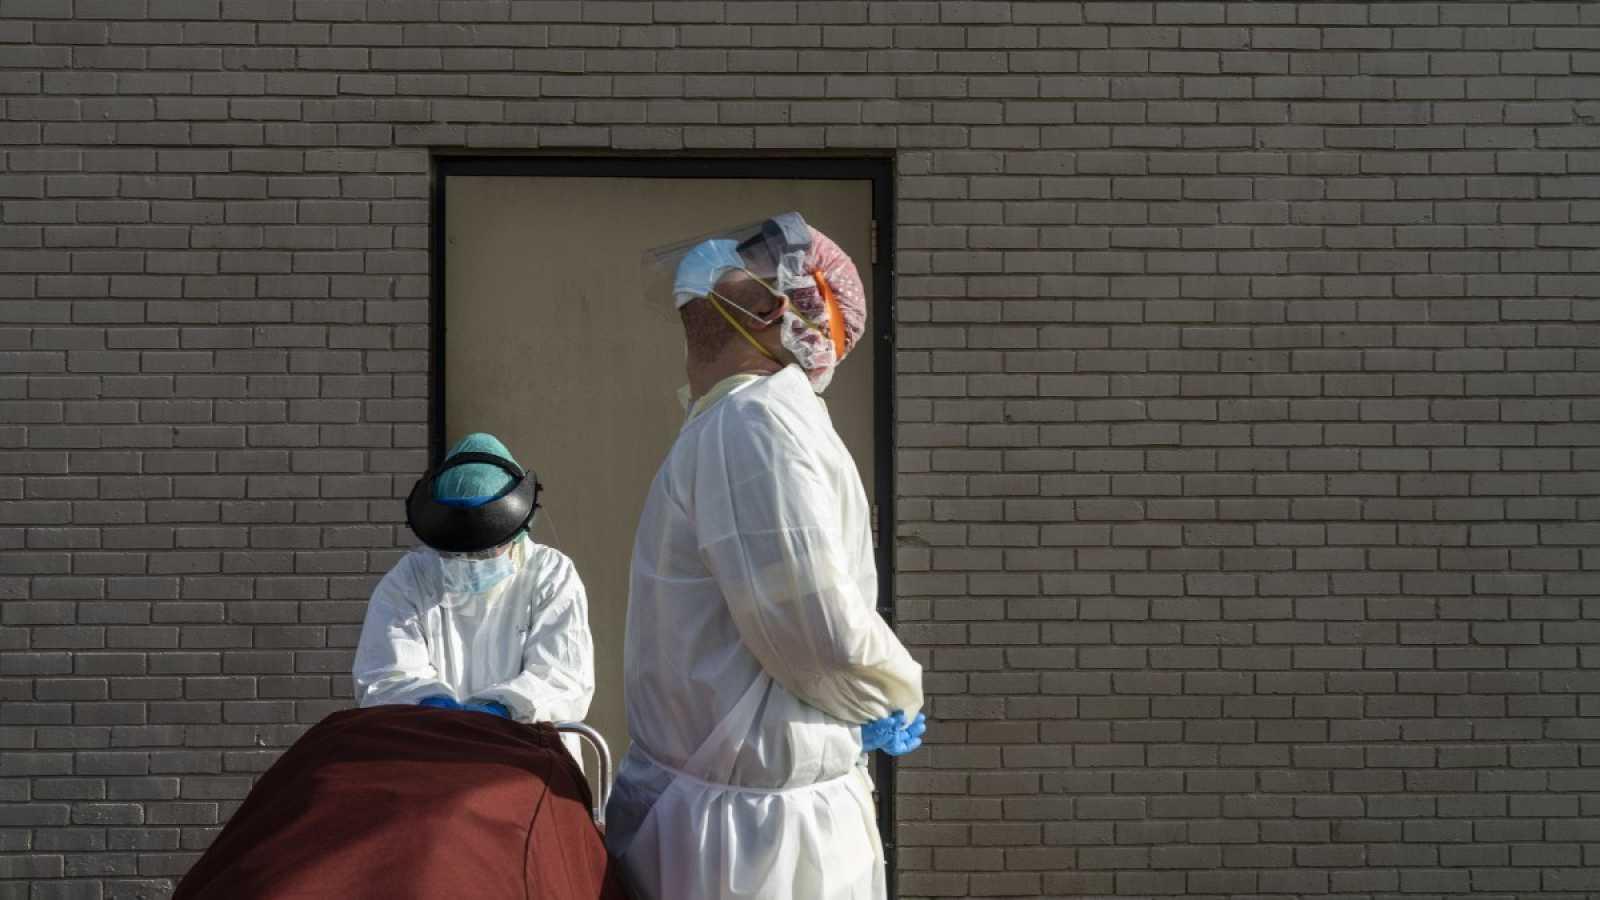 Dos sanitaros con equipo de protección esperan a que un coche recoja a un paciente fallecido en un hospital de Houston, Texas